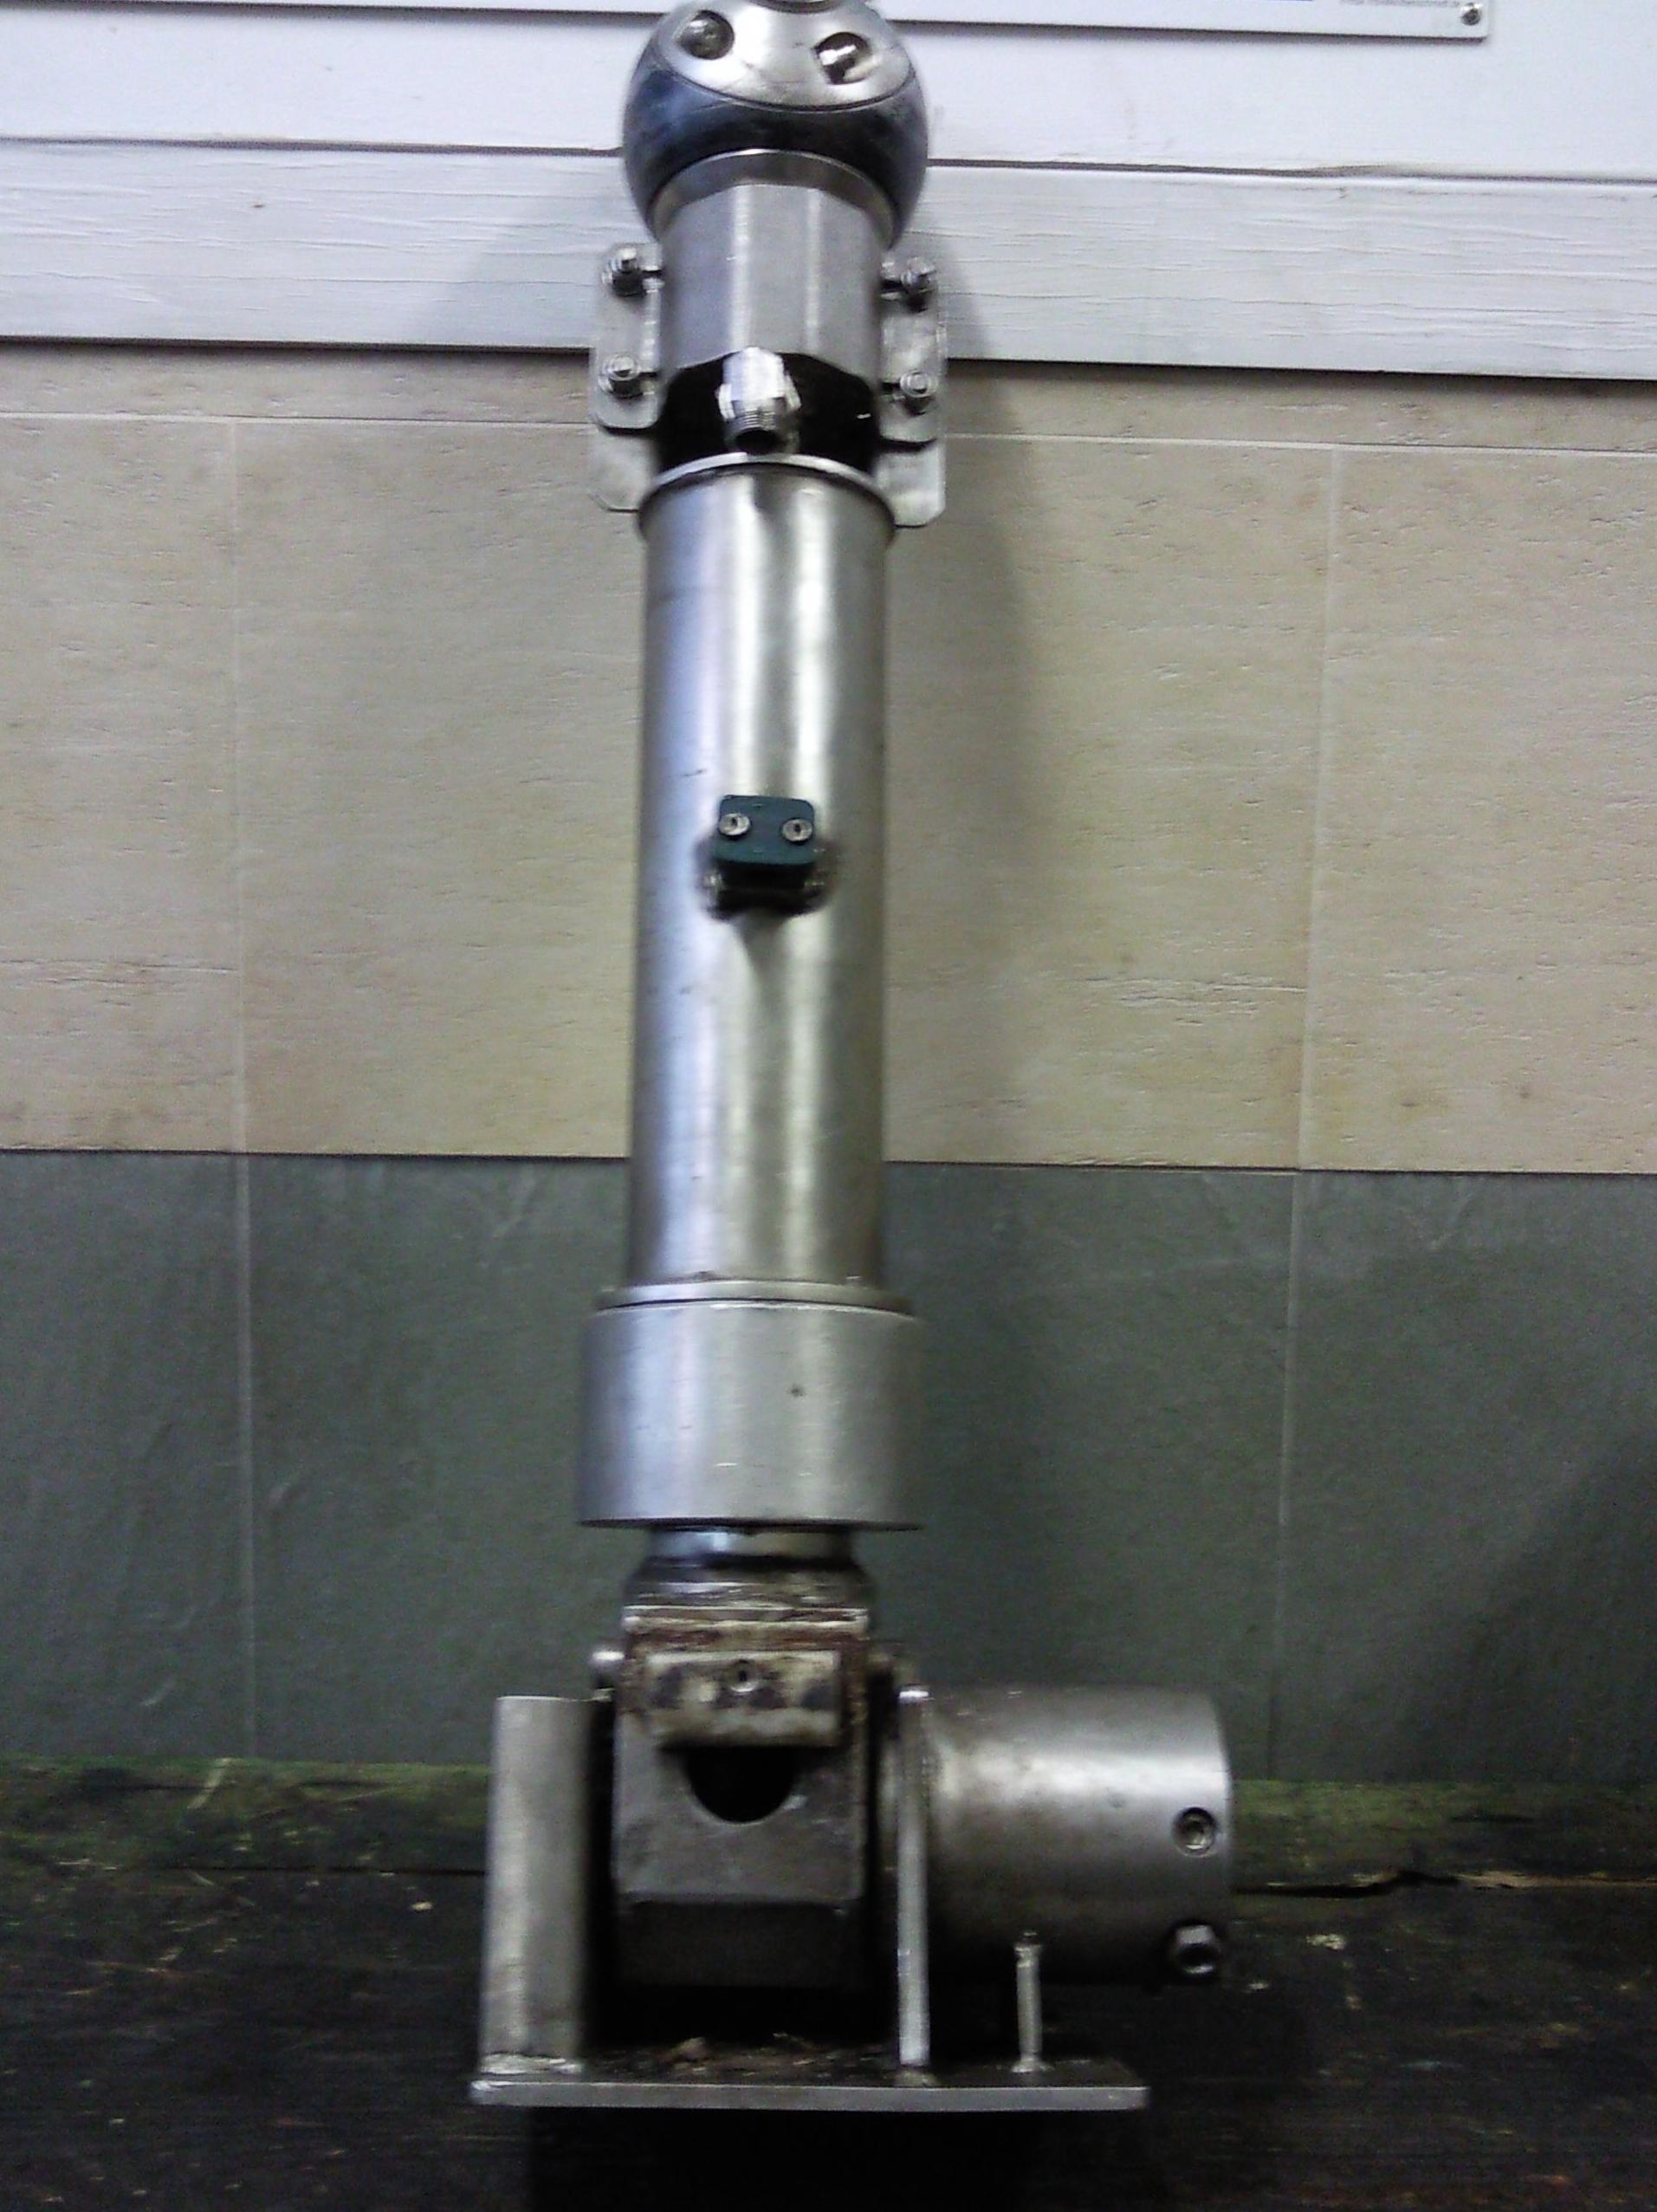 Hidráulico con cabeza giratoria y salida de líquidos a alta presión